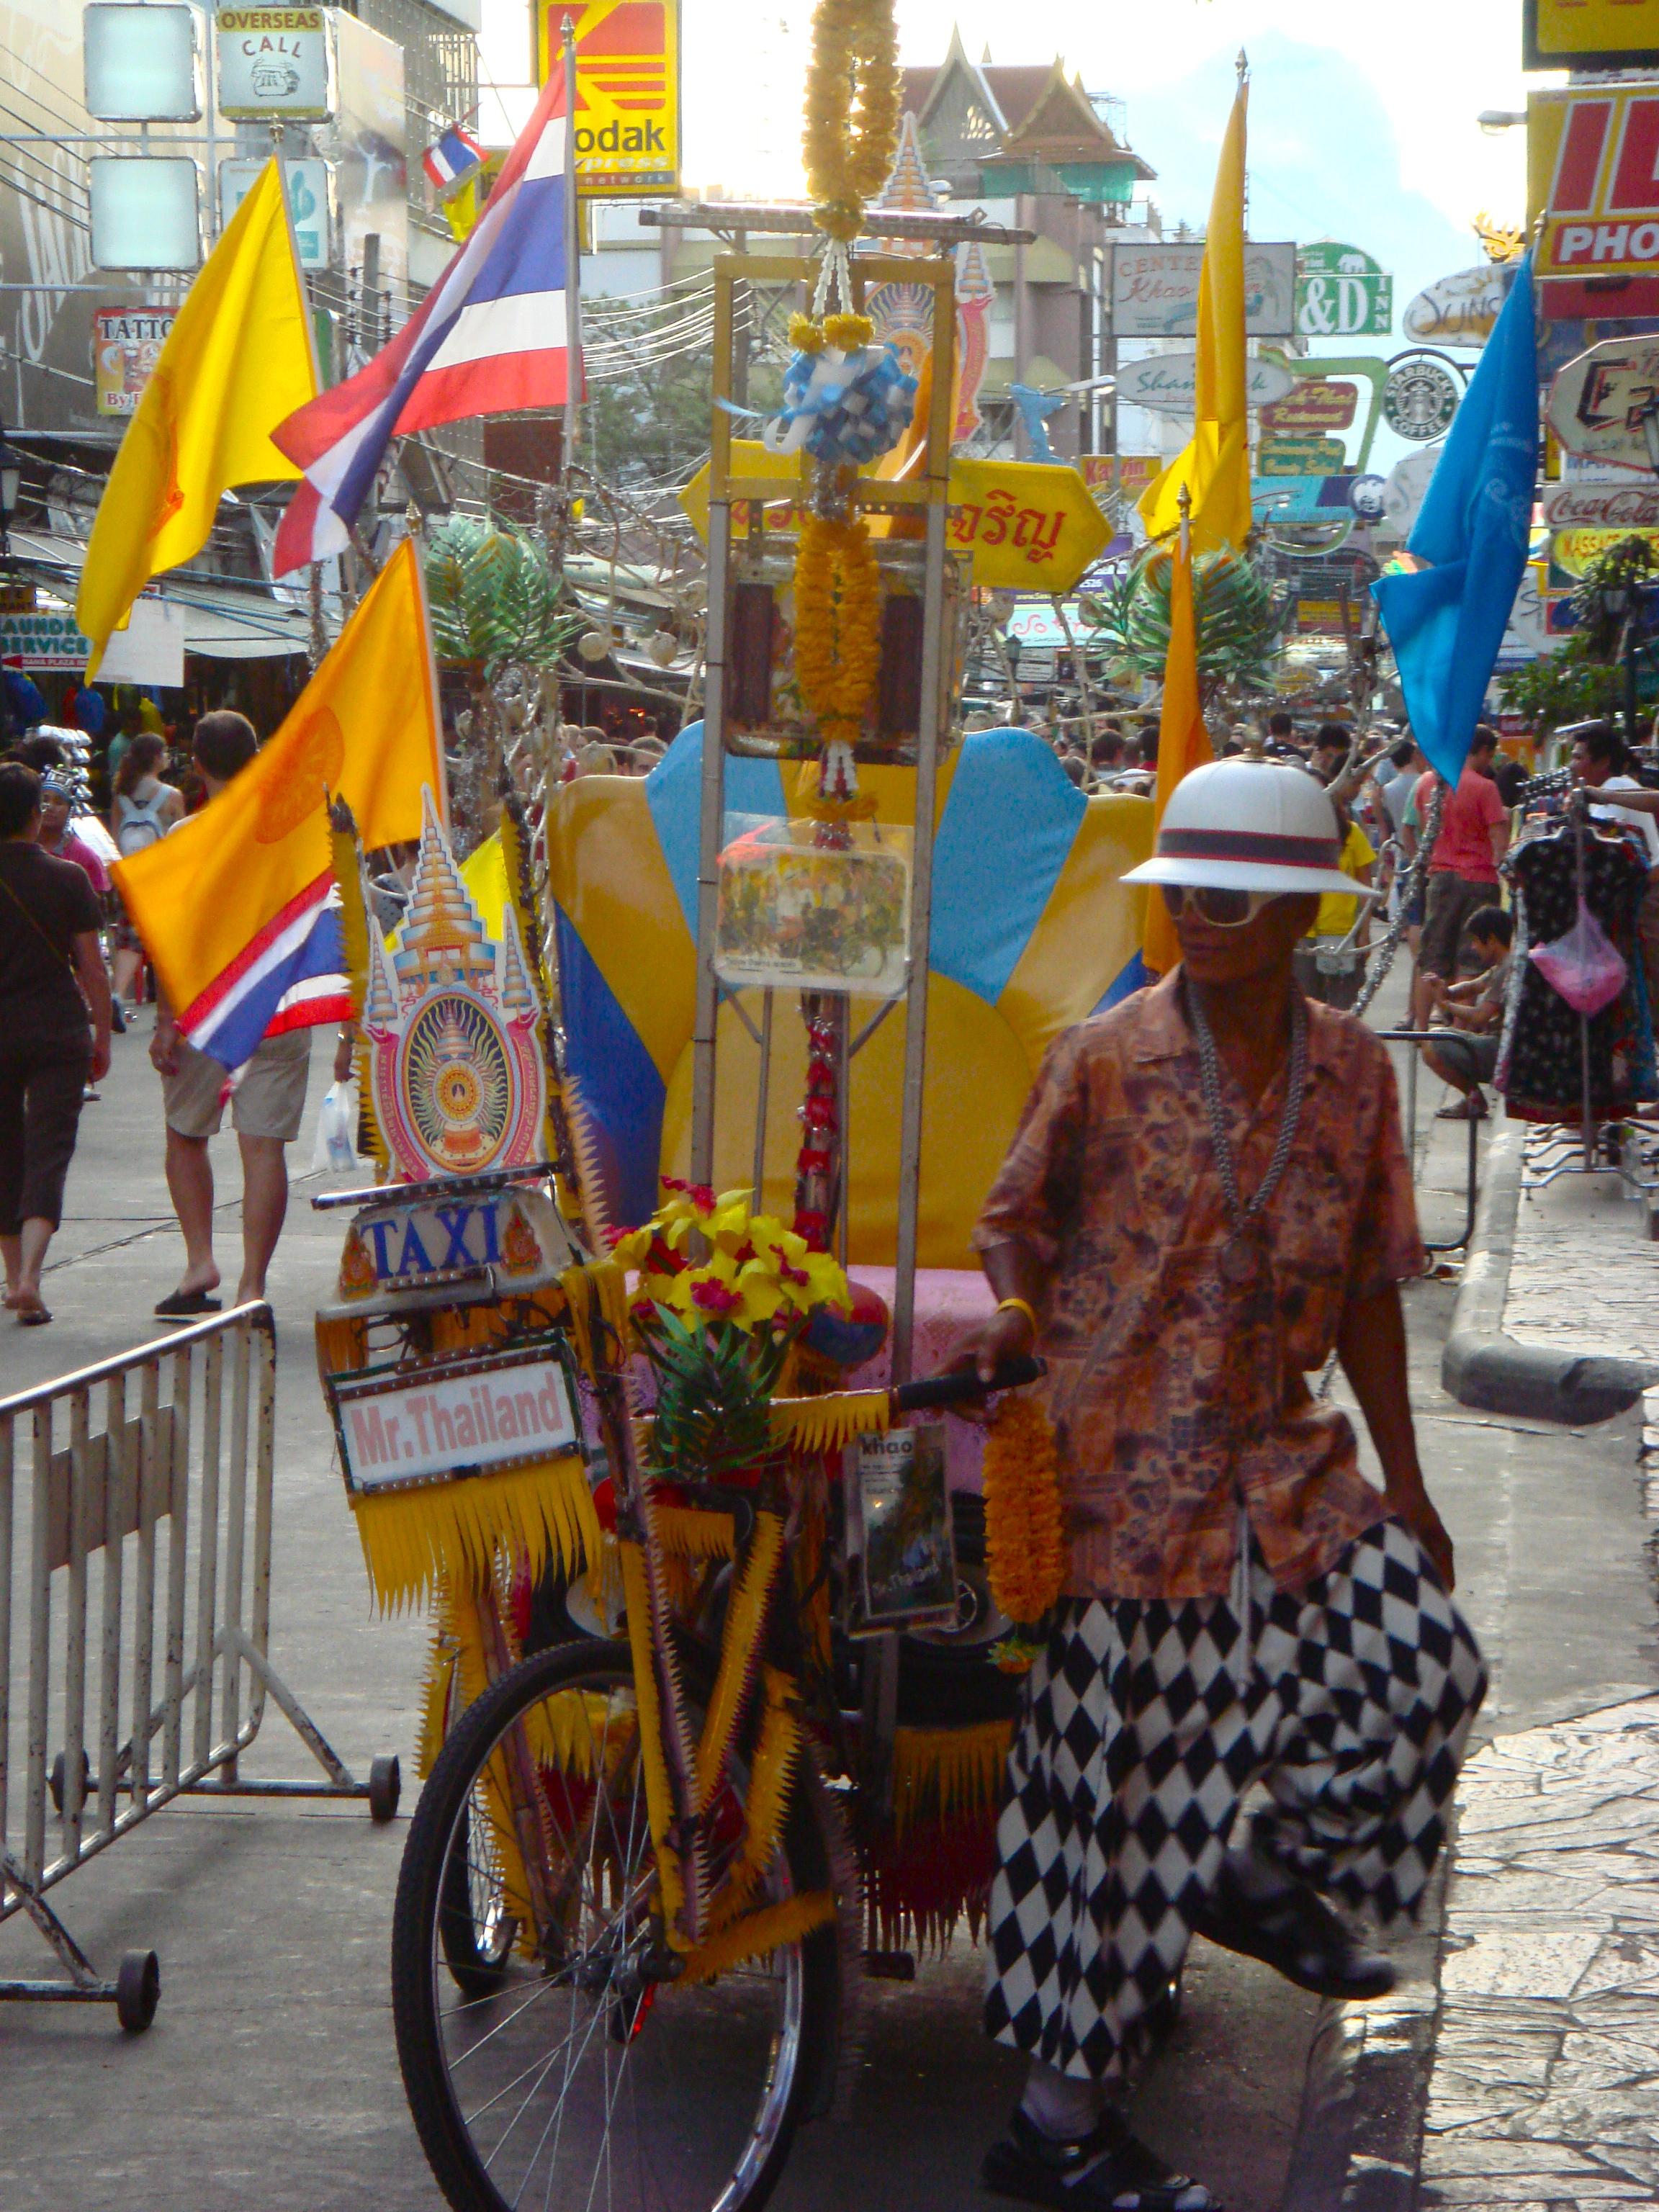 A 'colourful' taxi in Bangkok, Thailand